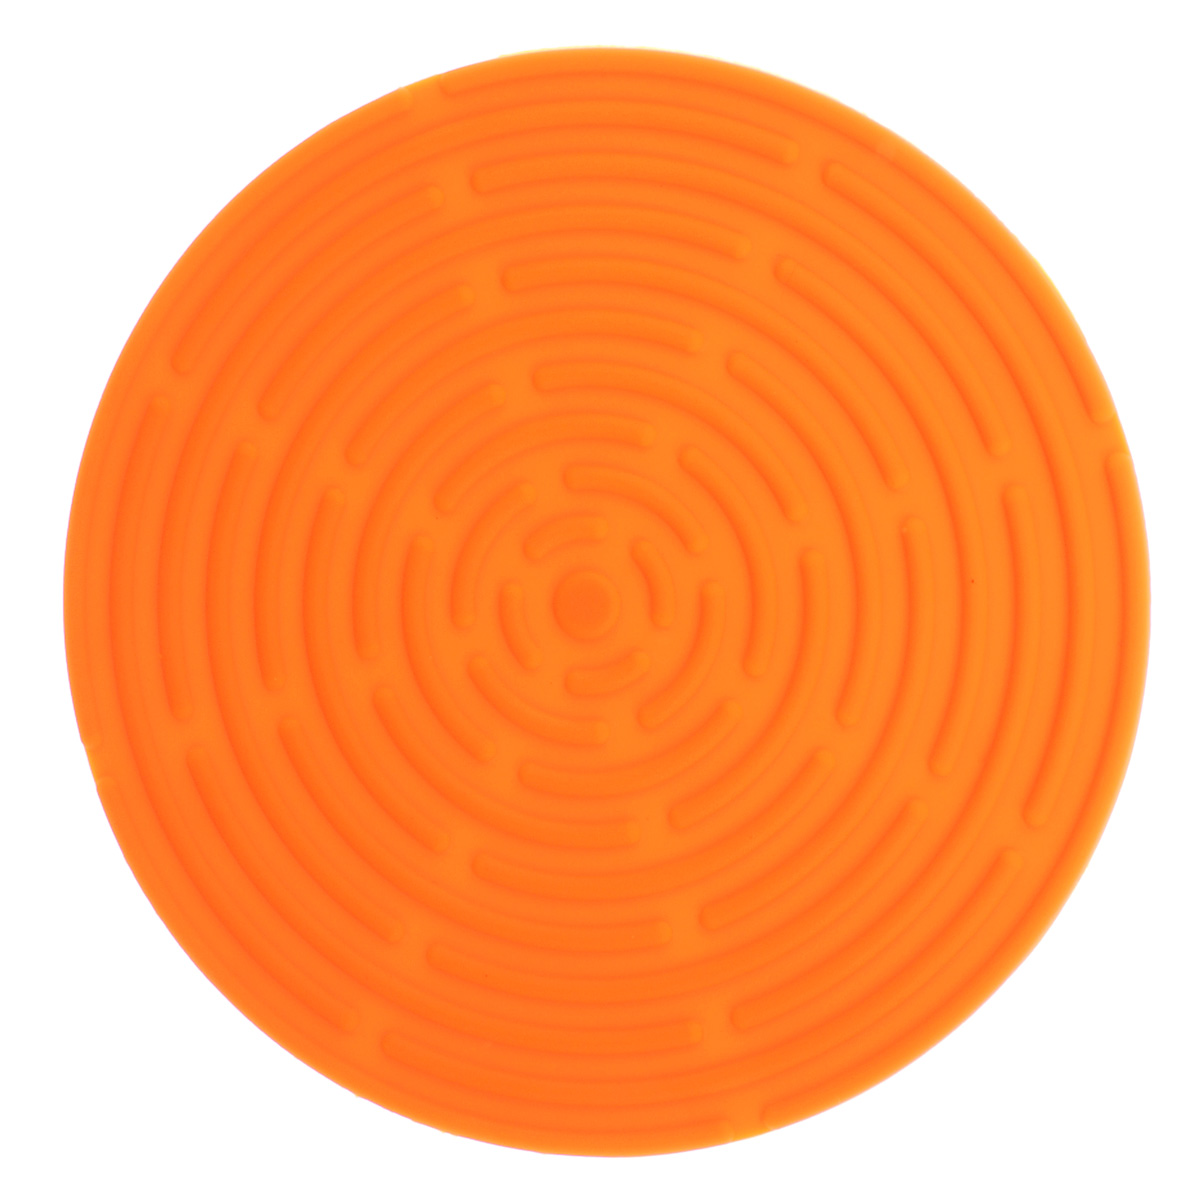 Подставка под горячее Atlantis, цвет: оранжевый, диаметр 15 см115510Круглая подставка под горячее Atlantis изготовлена из высококачественного пищевого силикона. Выдерживает температуру до +230°С, не впитывает запахи и предохраняет поверхность вашего стола от высоких температур. Оригинальный дизайн внесет свежесть и новизну в интерьер кухни. Подставка под горячее станет незаменимым помощником на кухне. Легко моется в посудомоечной машине.